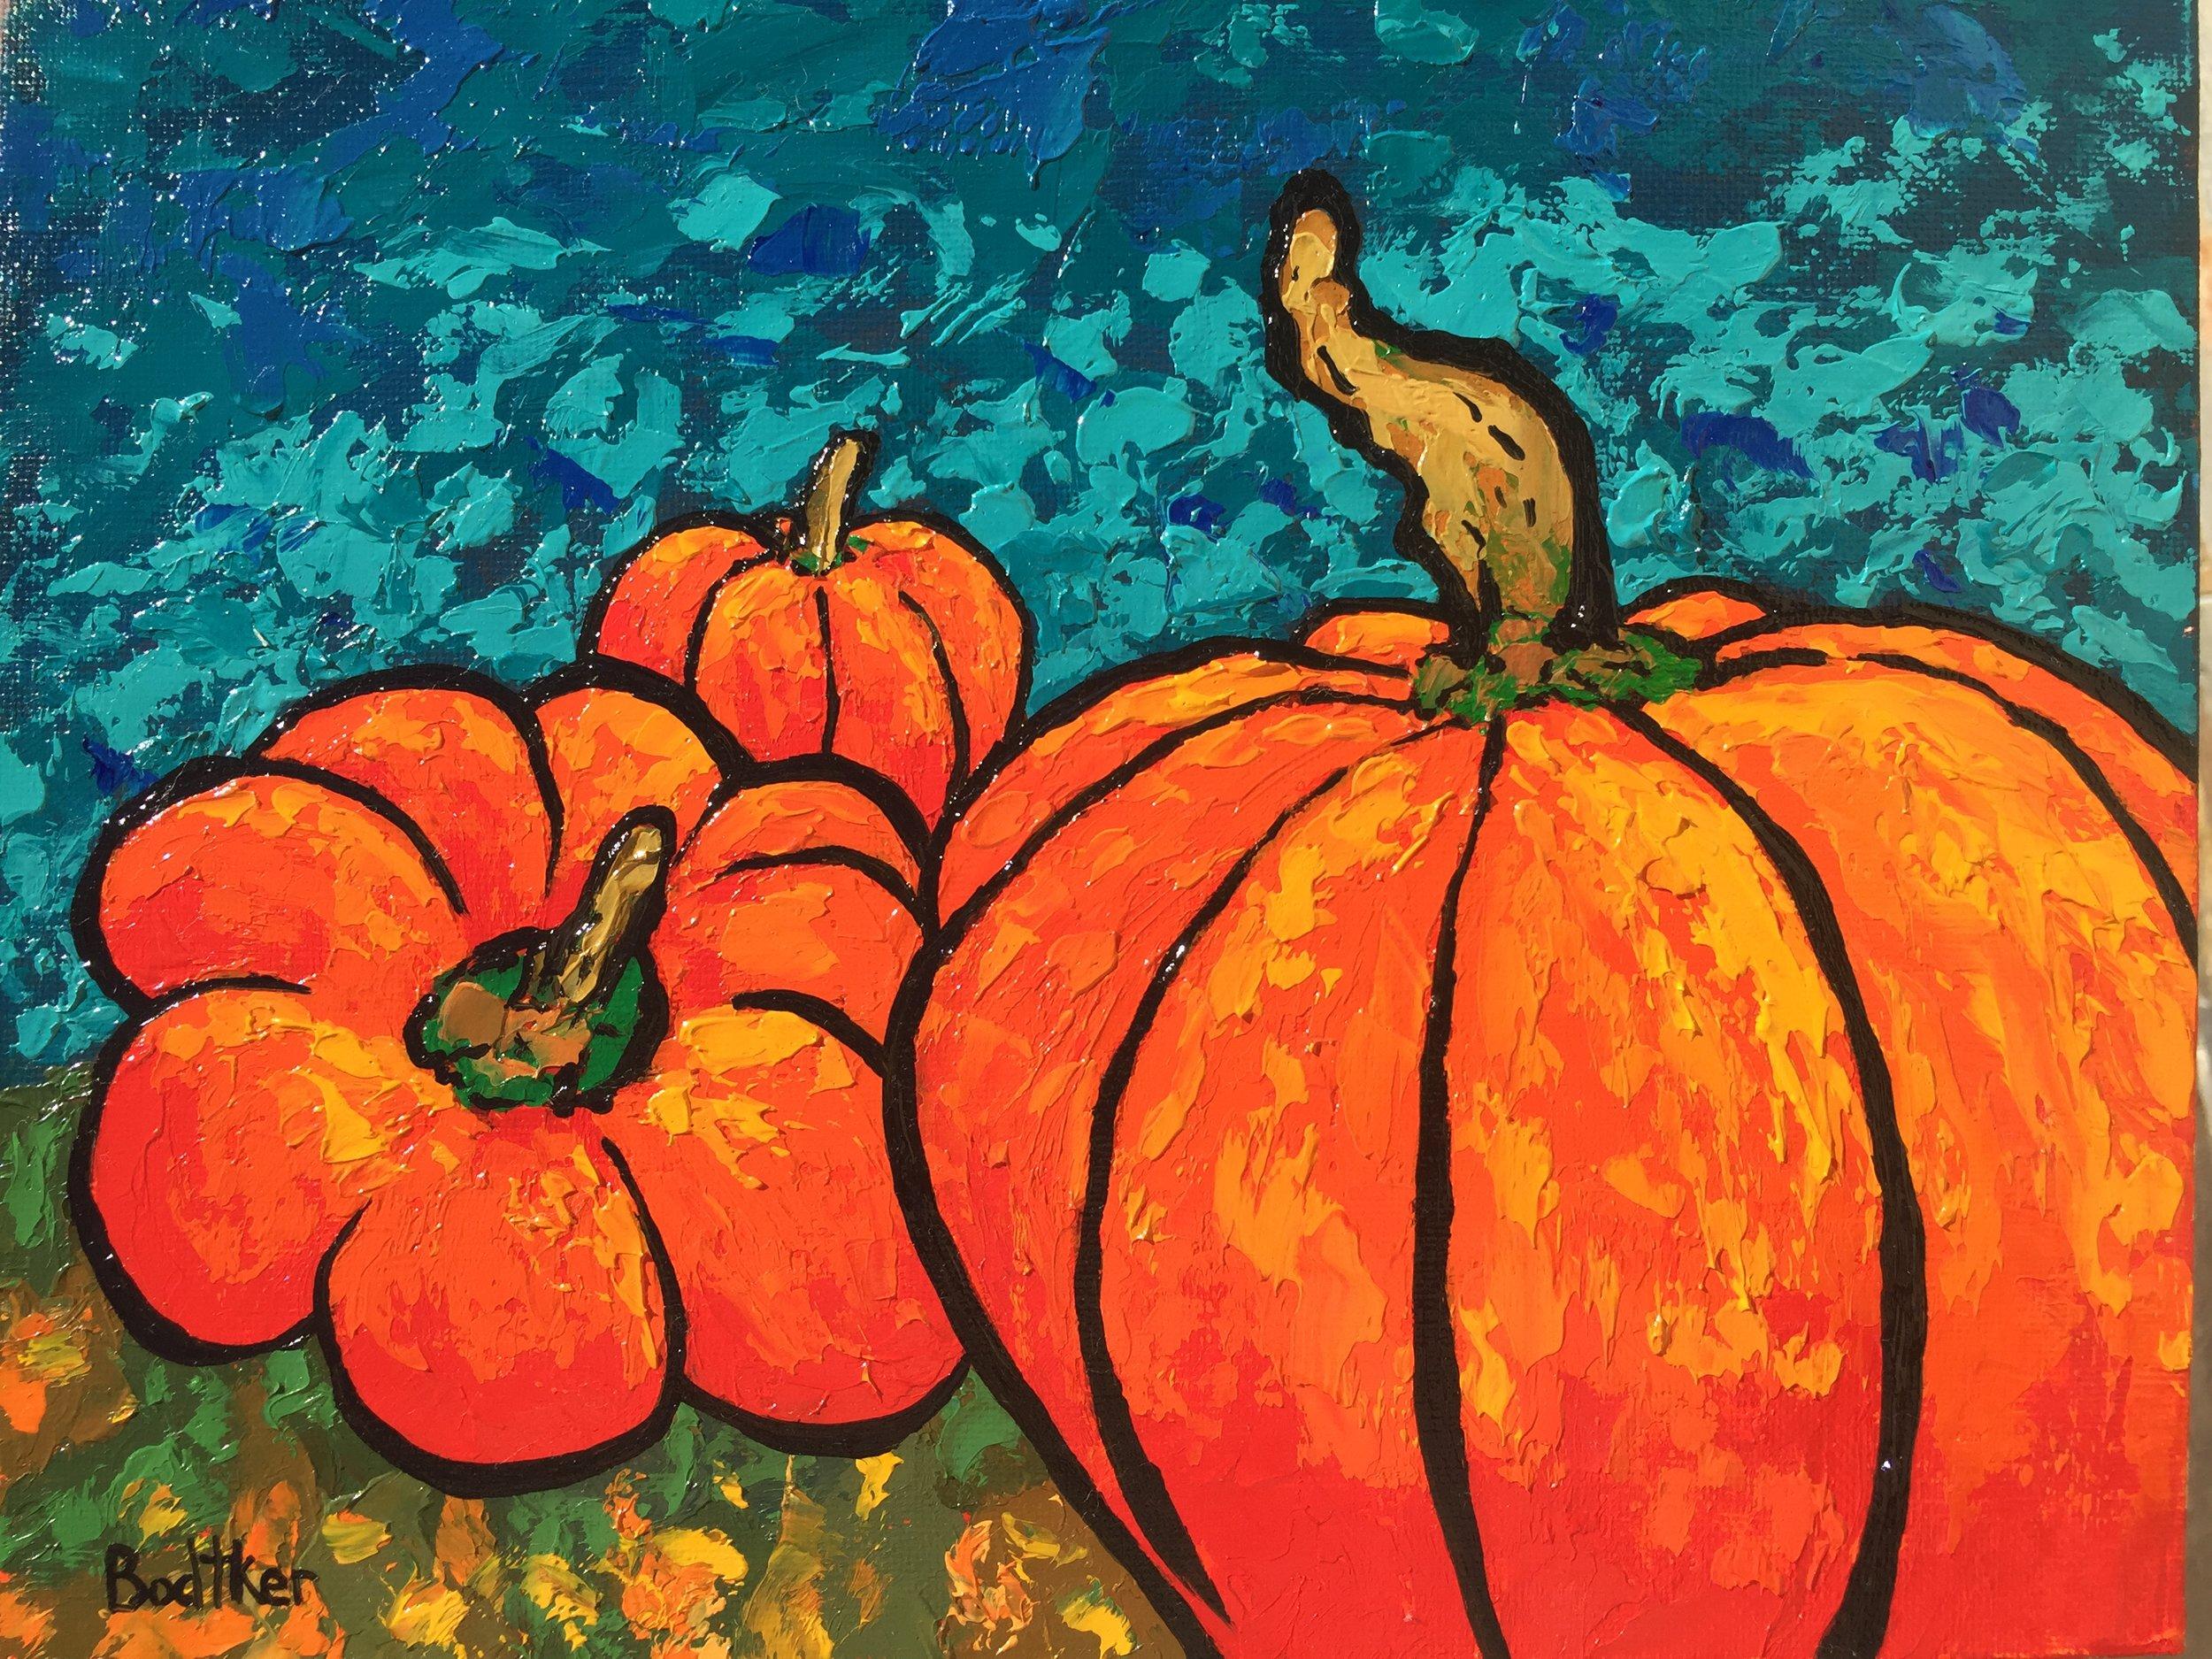 Pumpkin Patch - 8x10